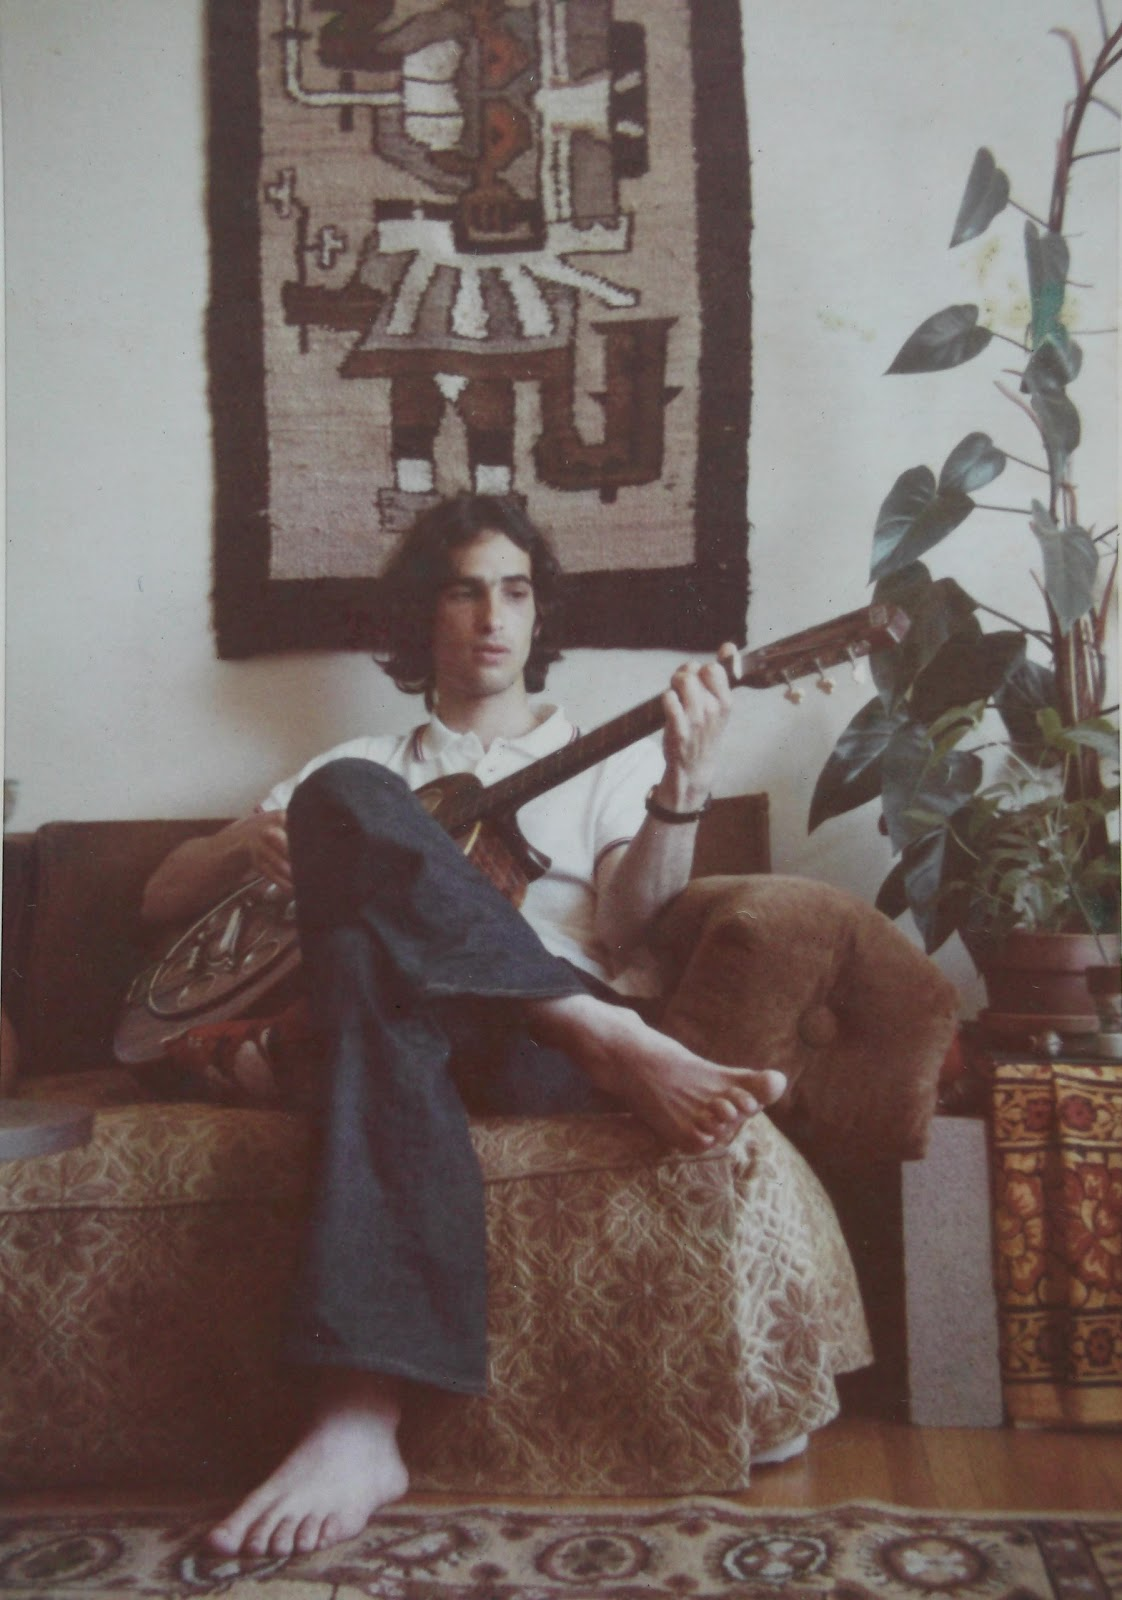 Newark N J 1970s San Francisco U S A